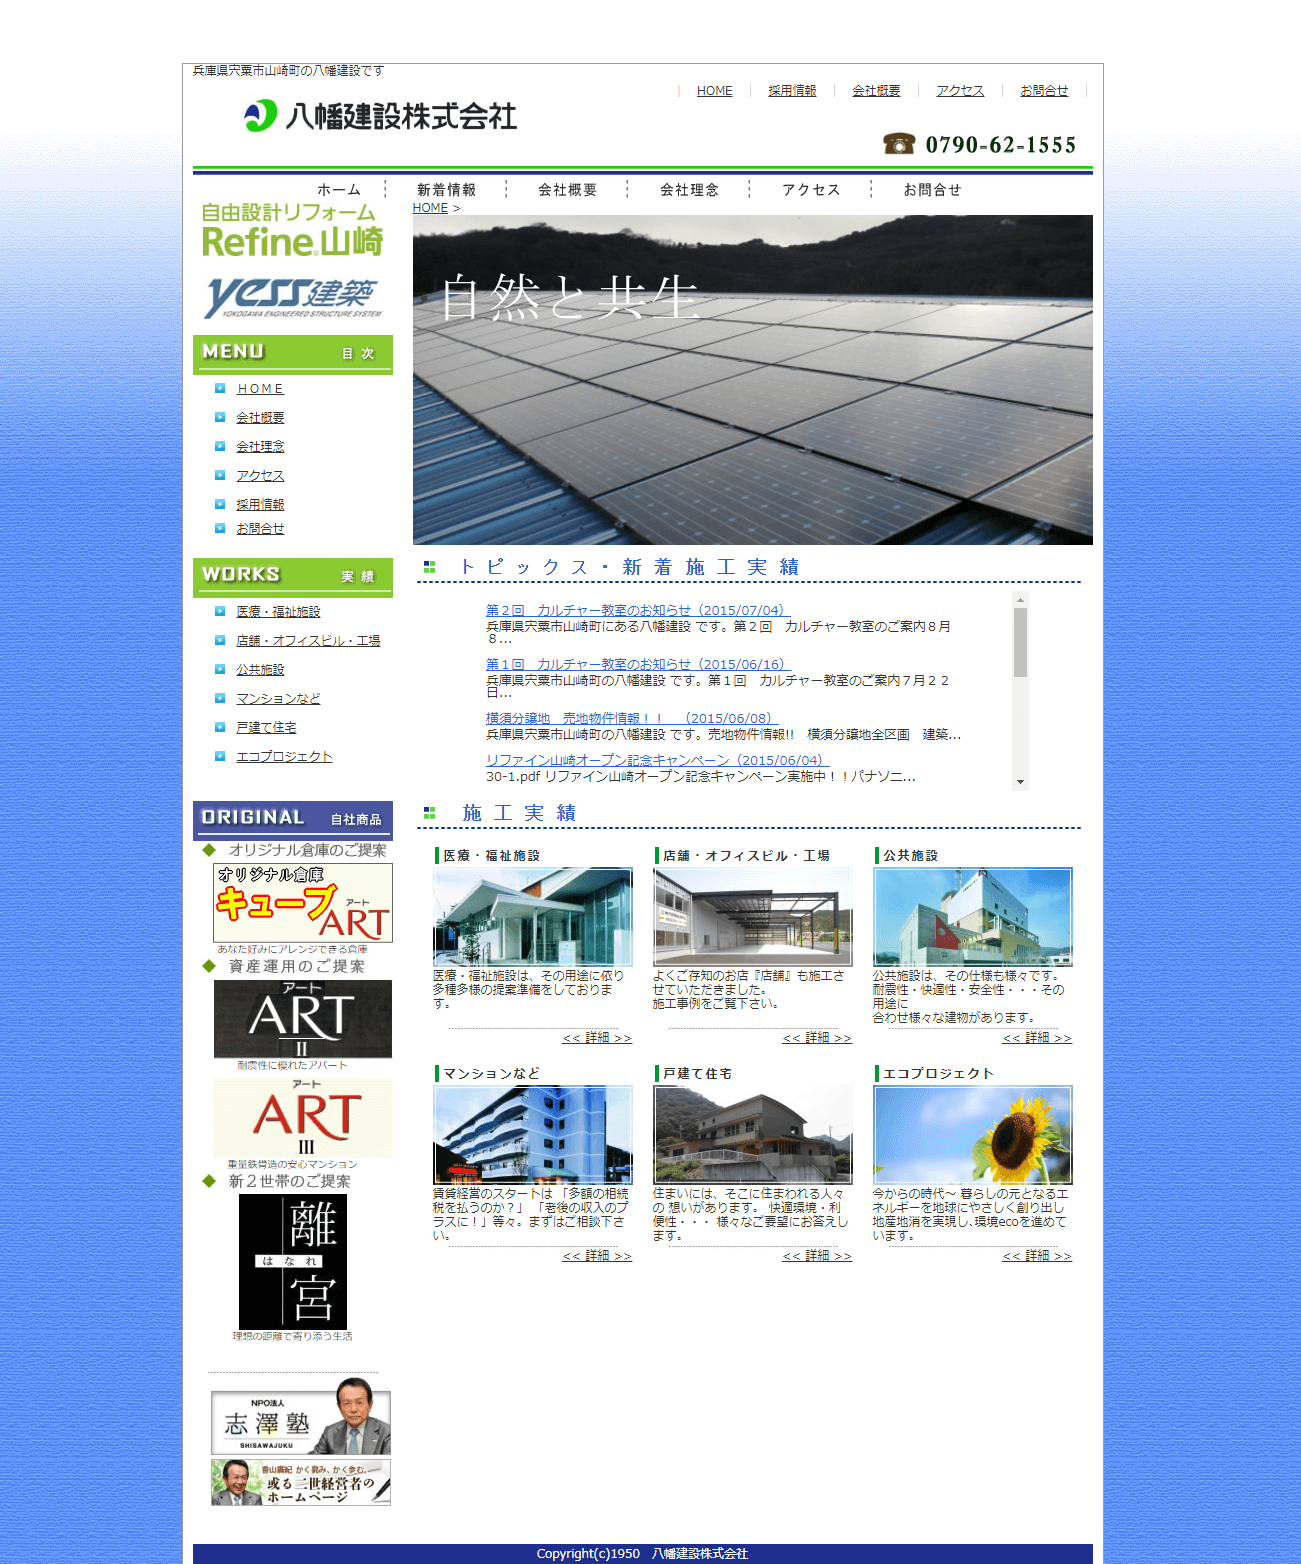 旧サイト:宍粟市 八幡建設株式会社様 ホームページ制作